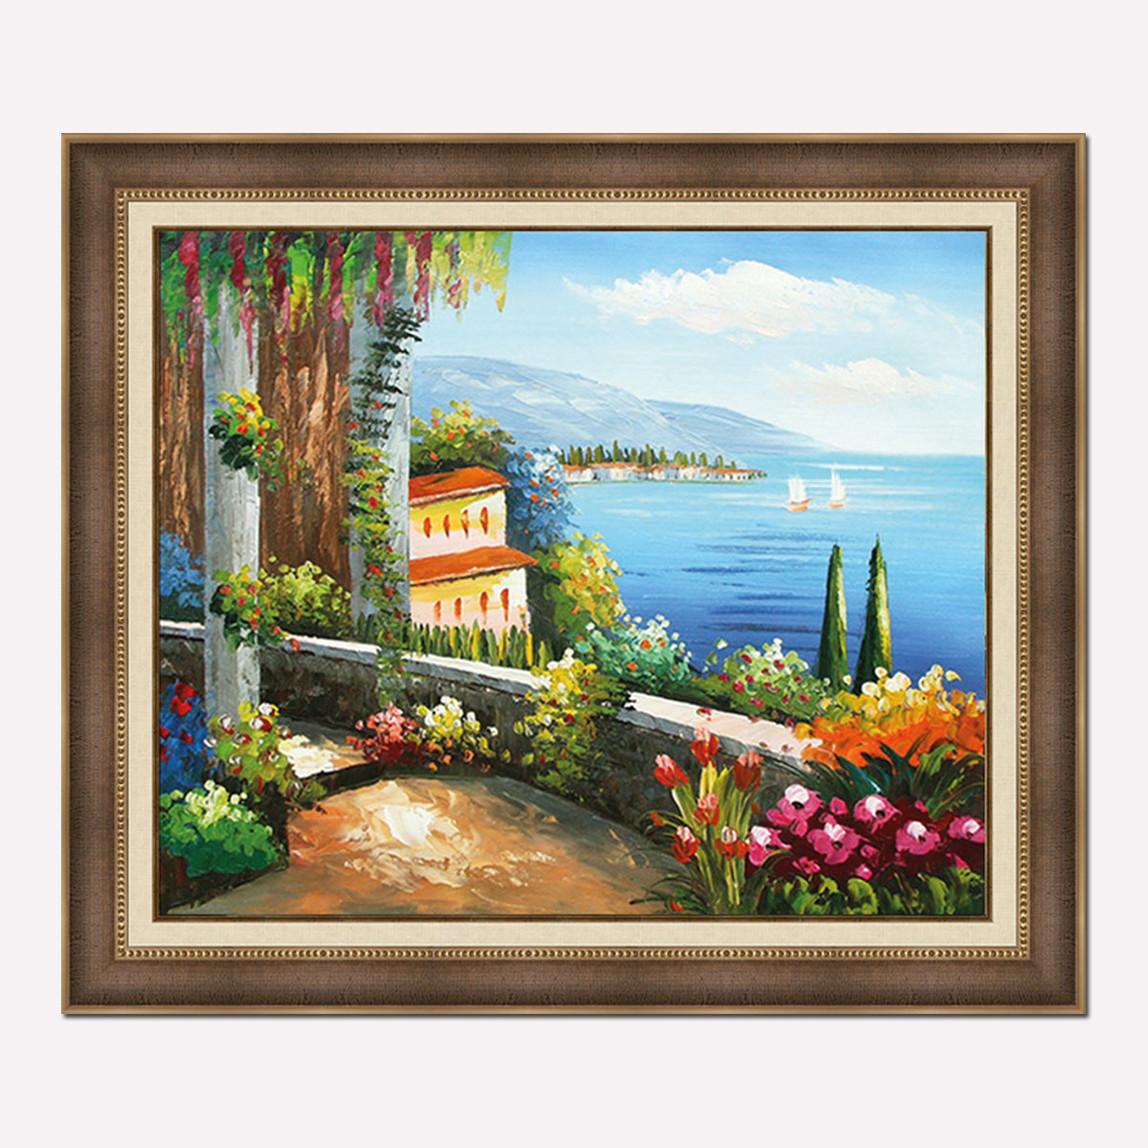 50x60 cm Çerçeveli Yağlı Boya Resim